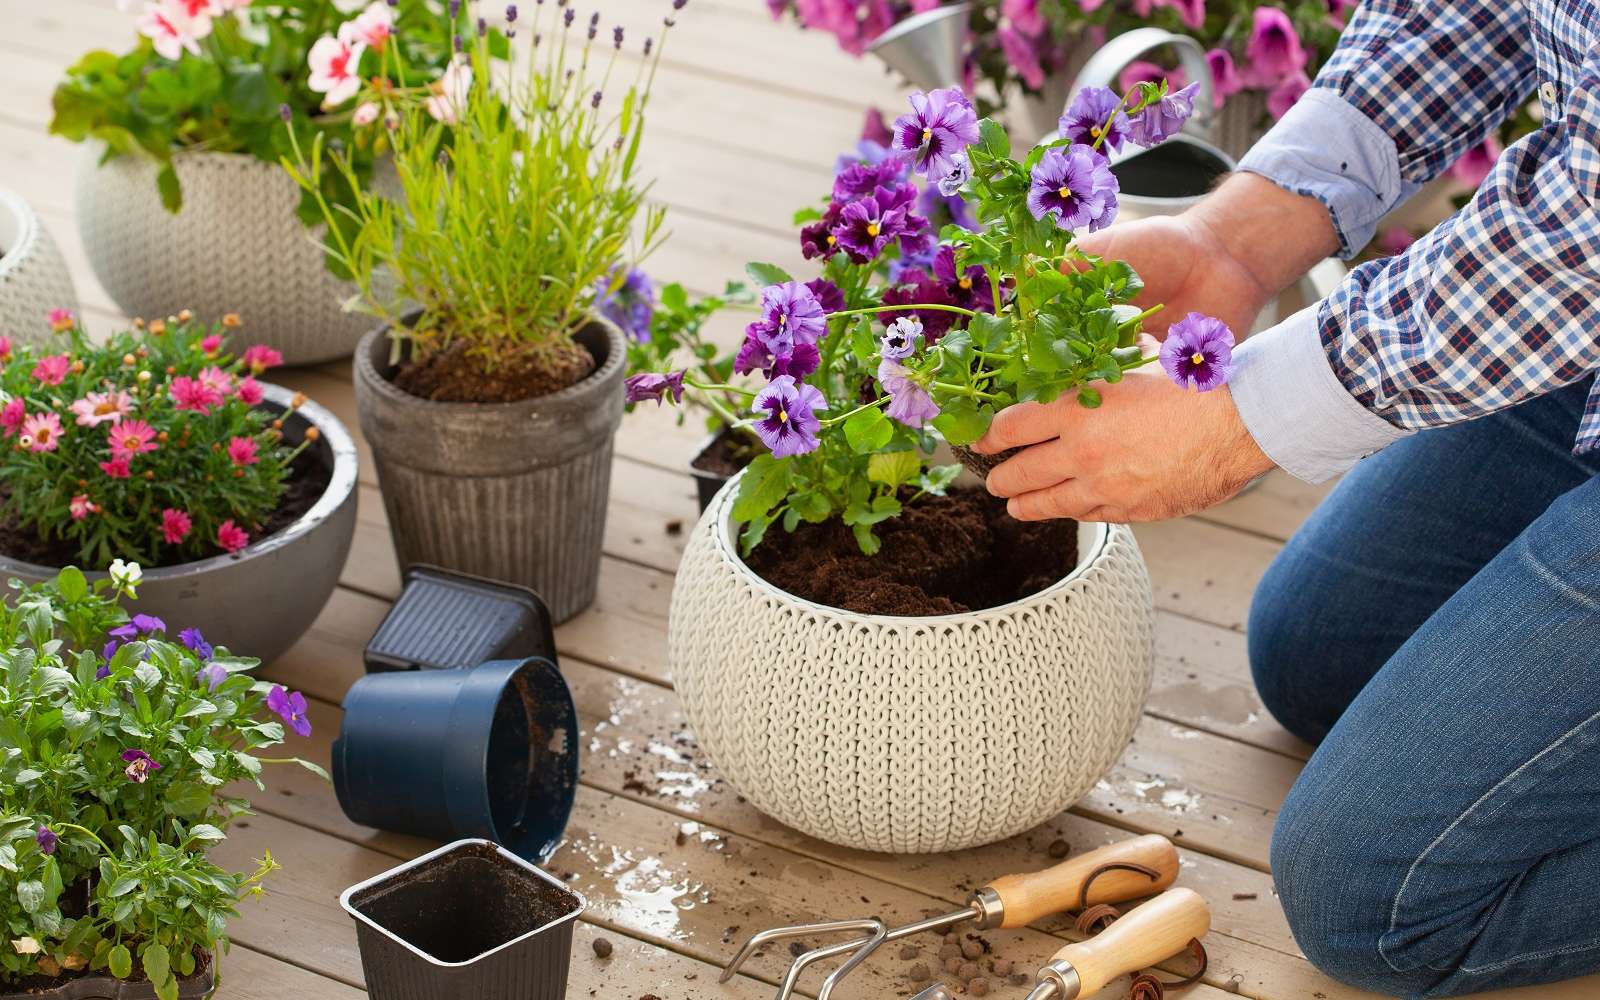 Réussir la plantation d'une potée en quelques gestes ! © Dusk, Adobe Stock